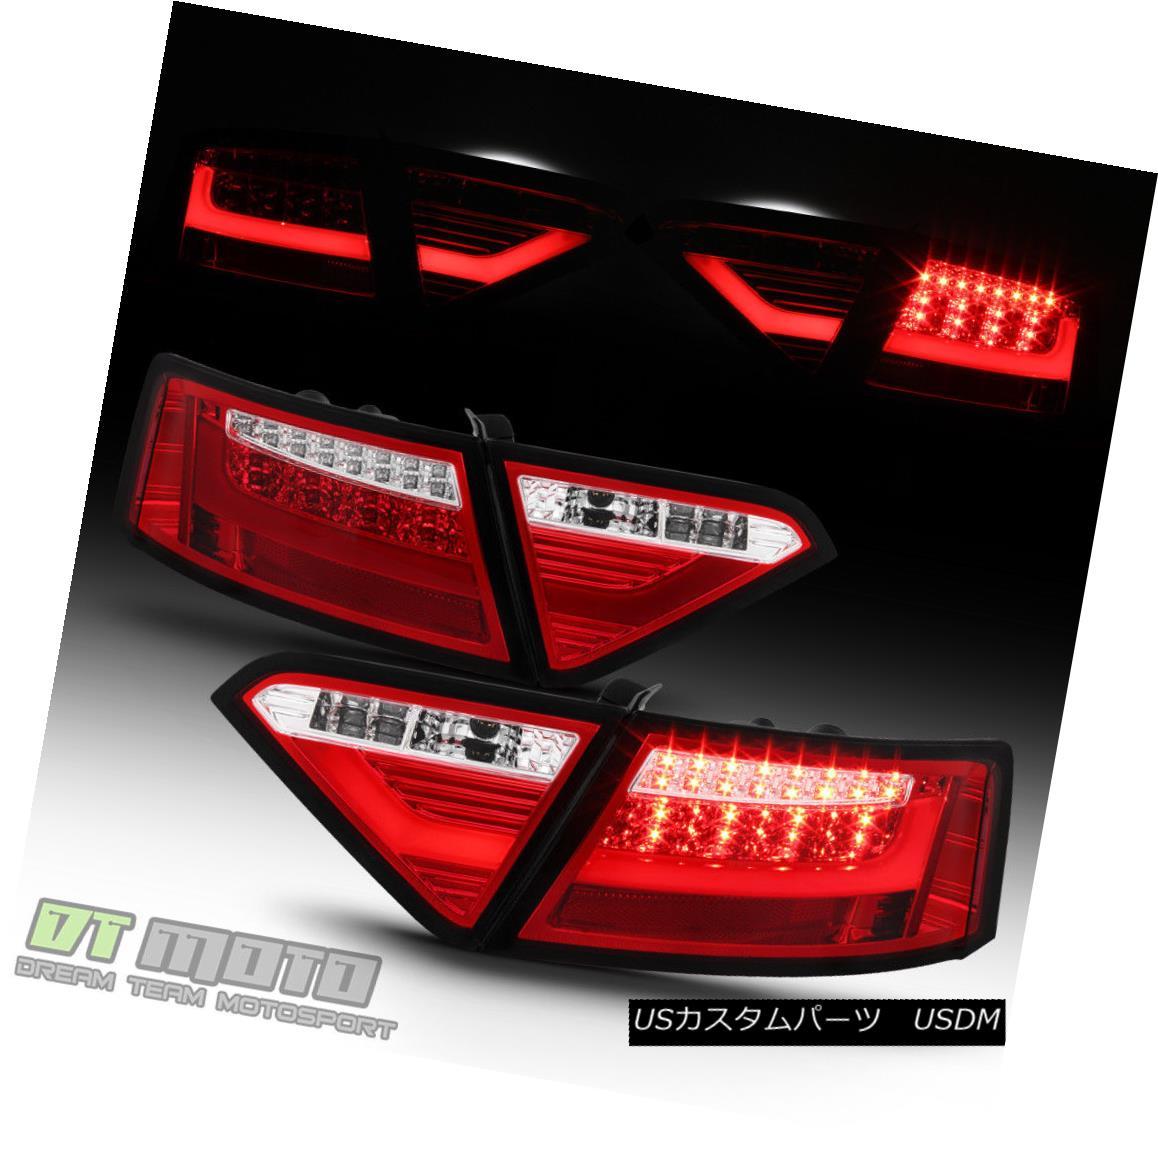 テールライト LED Light Tube Tail Brake Lamps For 2008-2012 Audi A5 S5 Factory LED Model 4pcs LEDライトチューブテールブレーキランプ2008年?2012年Audi A5 S5工場LEDモデル4個